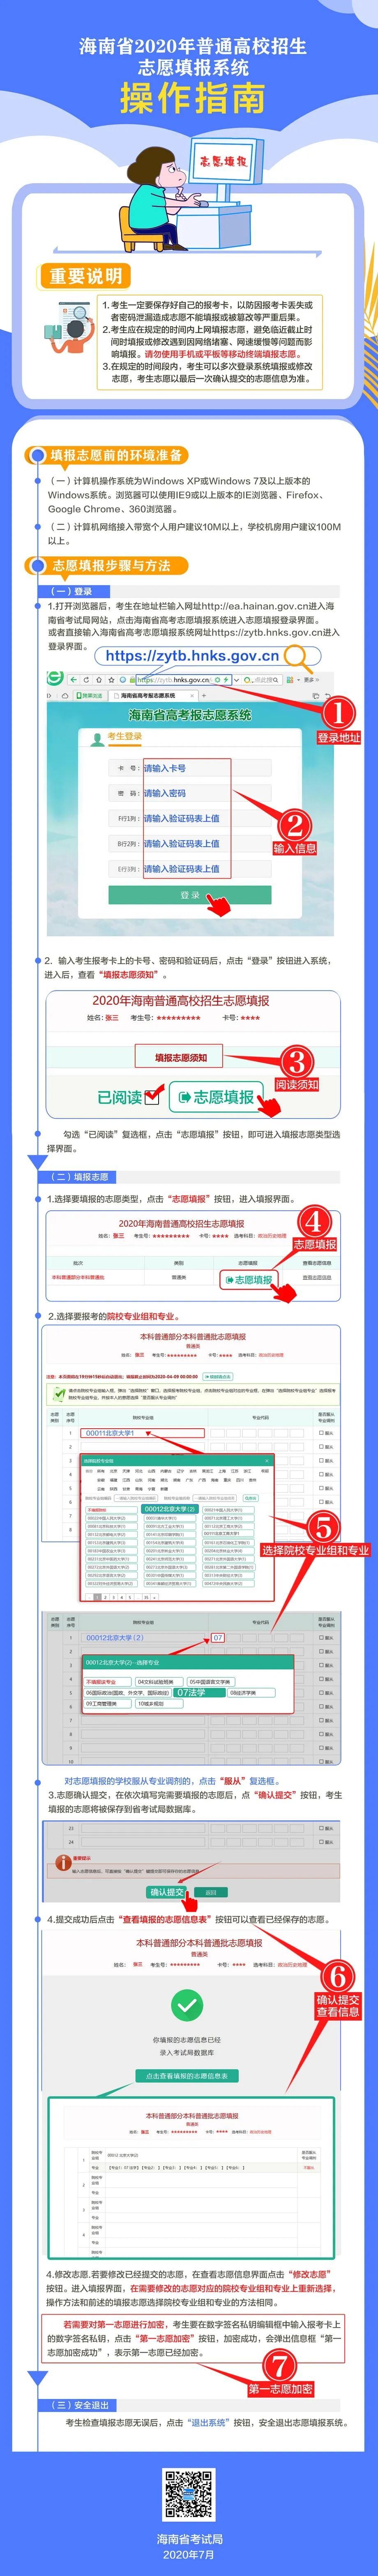 海南省2020年普通高校招生志愿填报系统操作指南